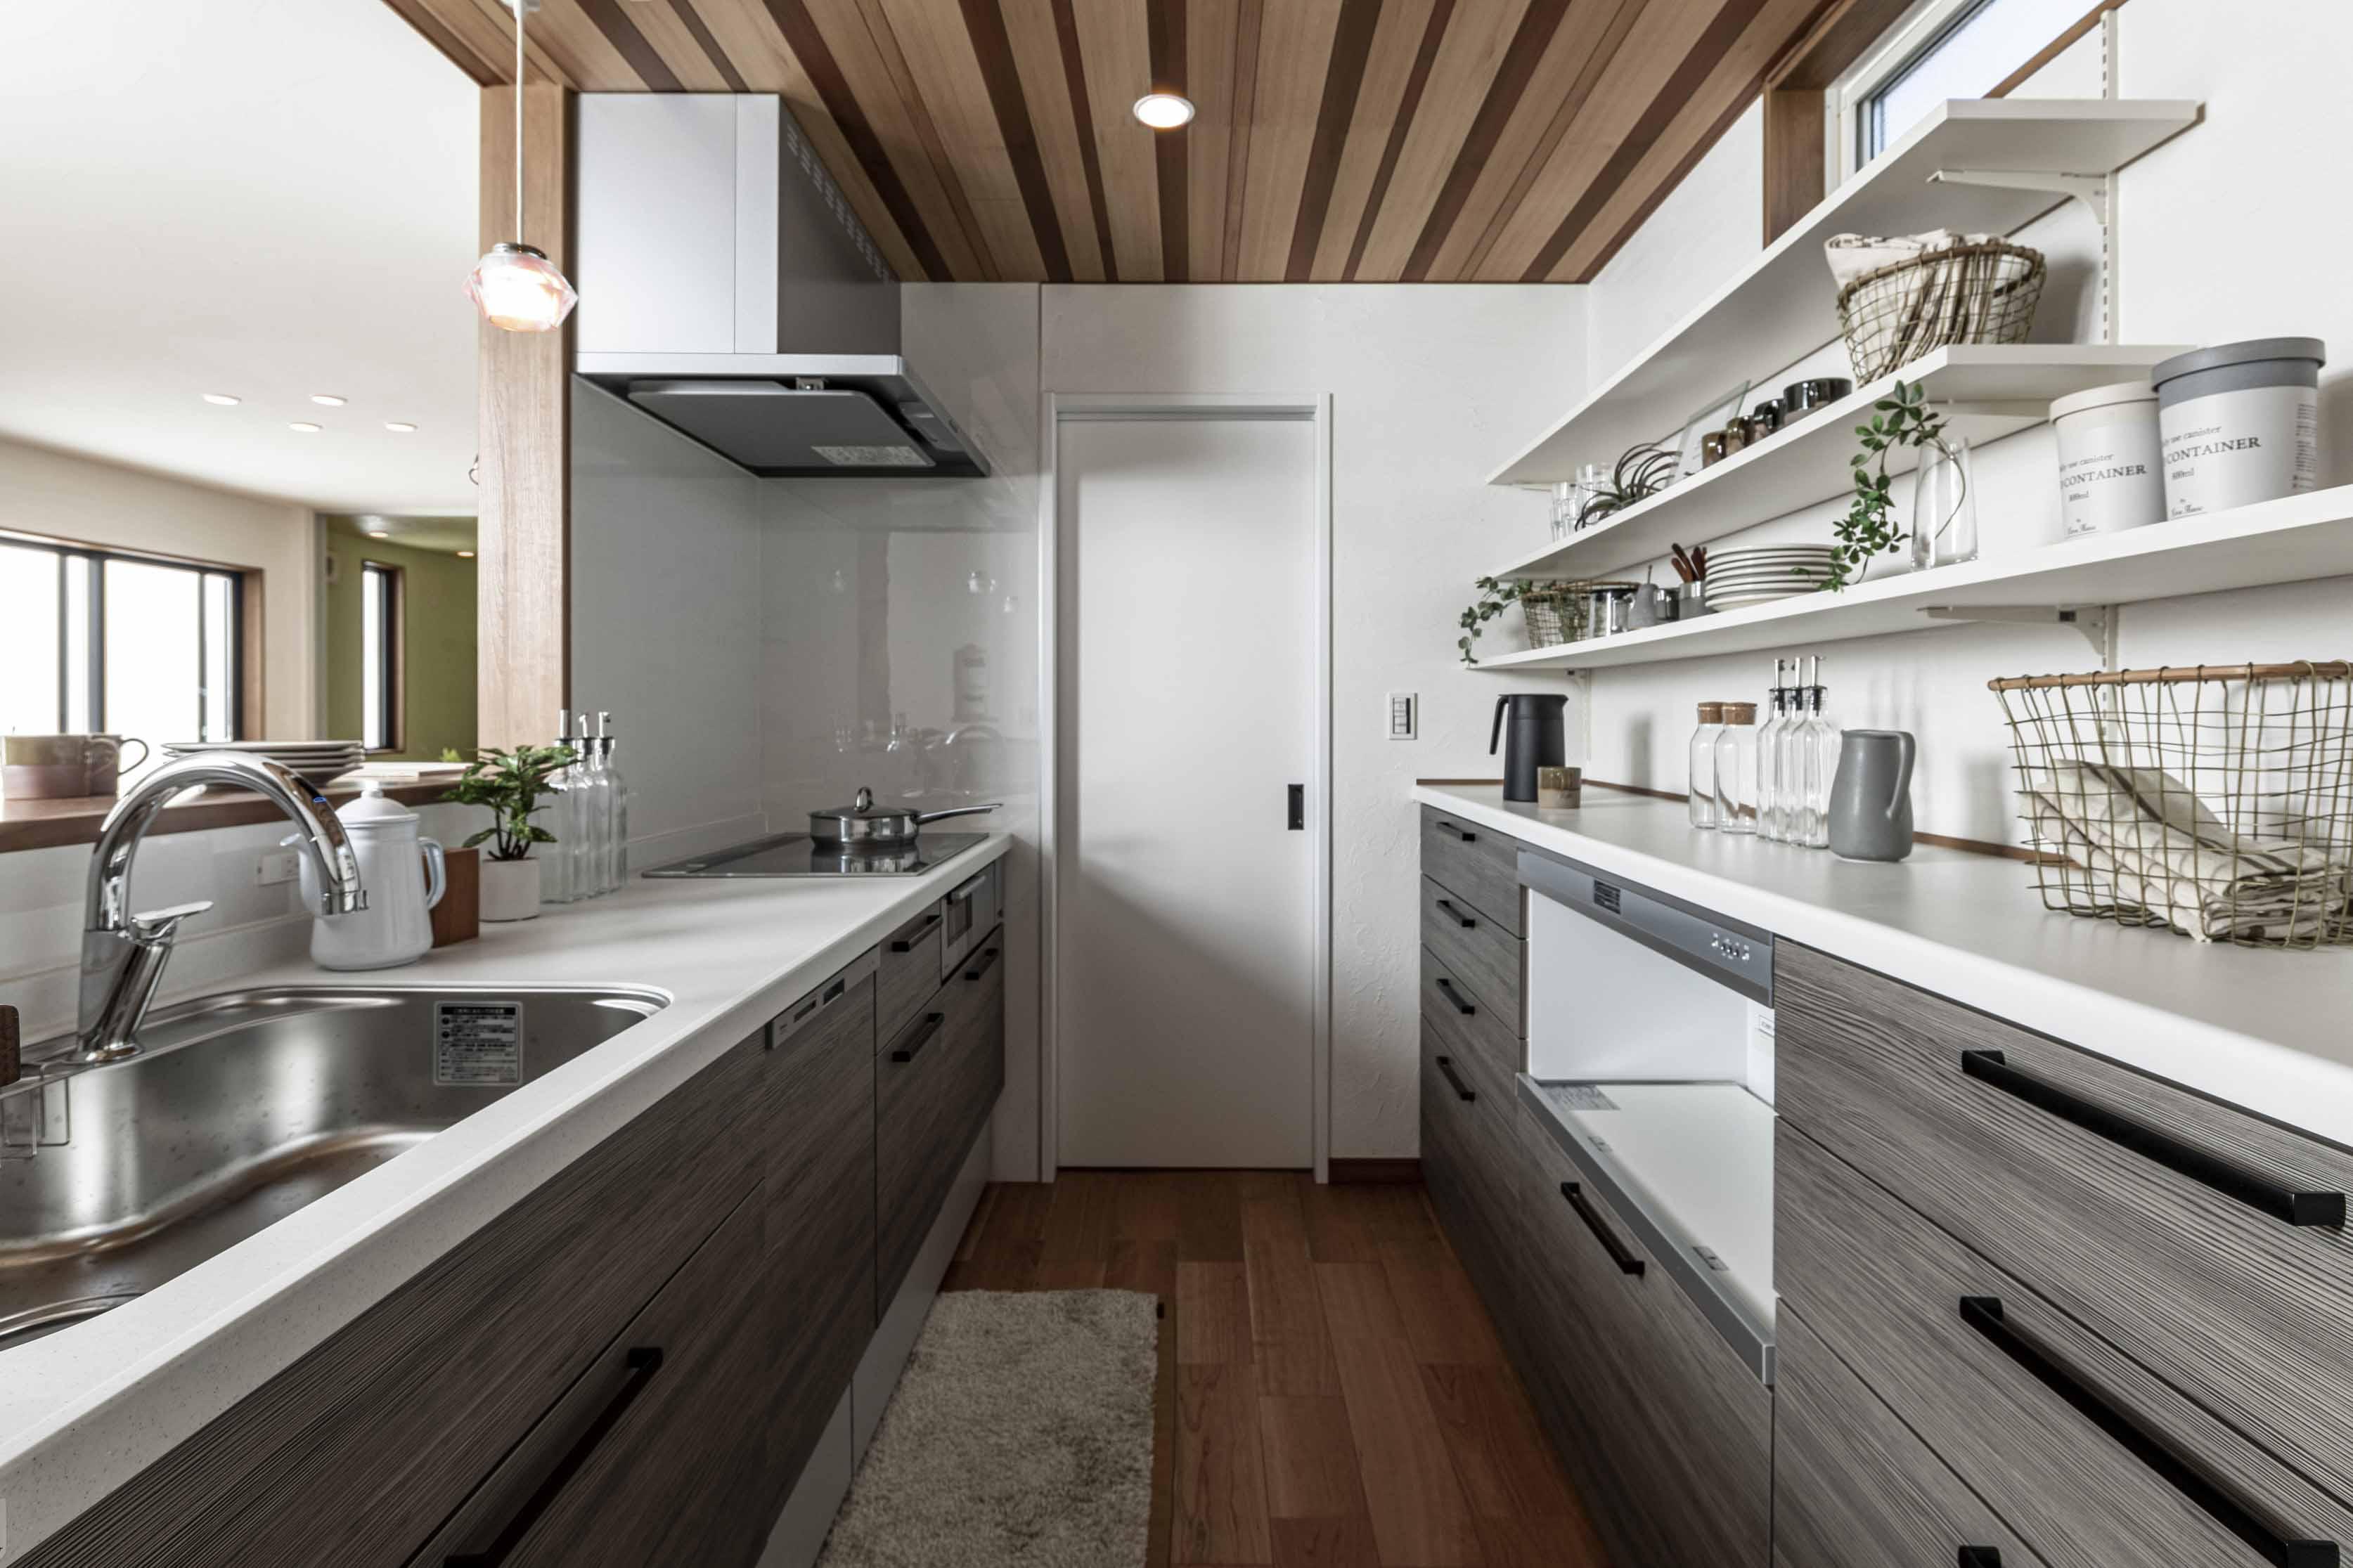 稲沢市家具レンタル 家具ディスプレイ 家具レンタル 家具レンタルと撮影 ホームステージング